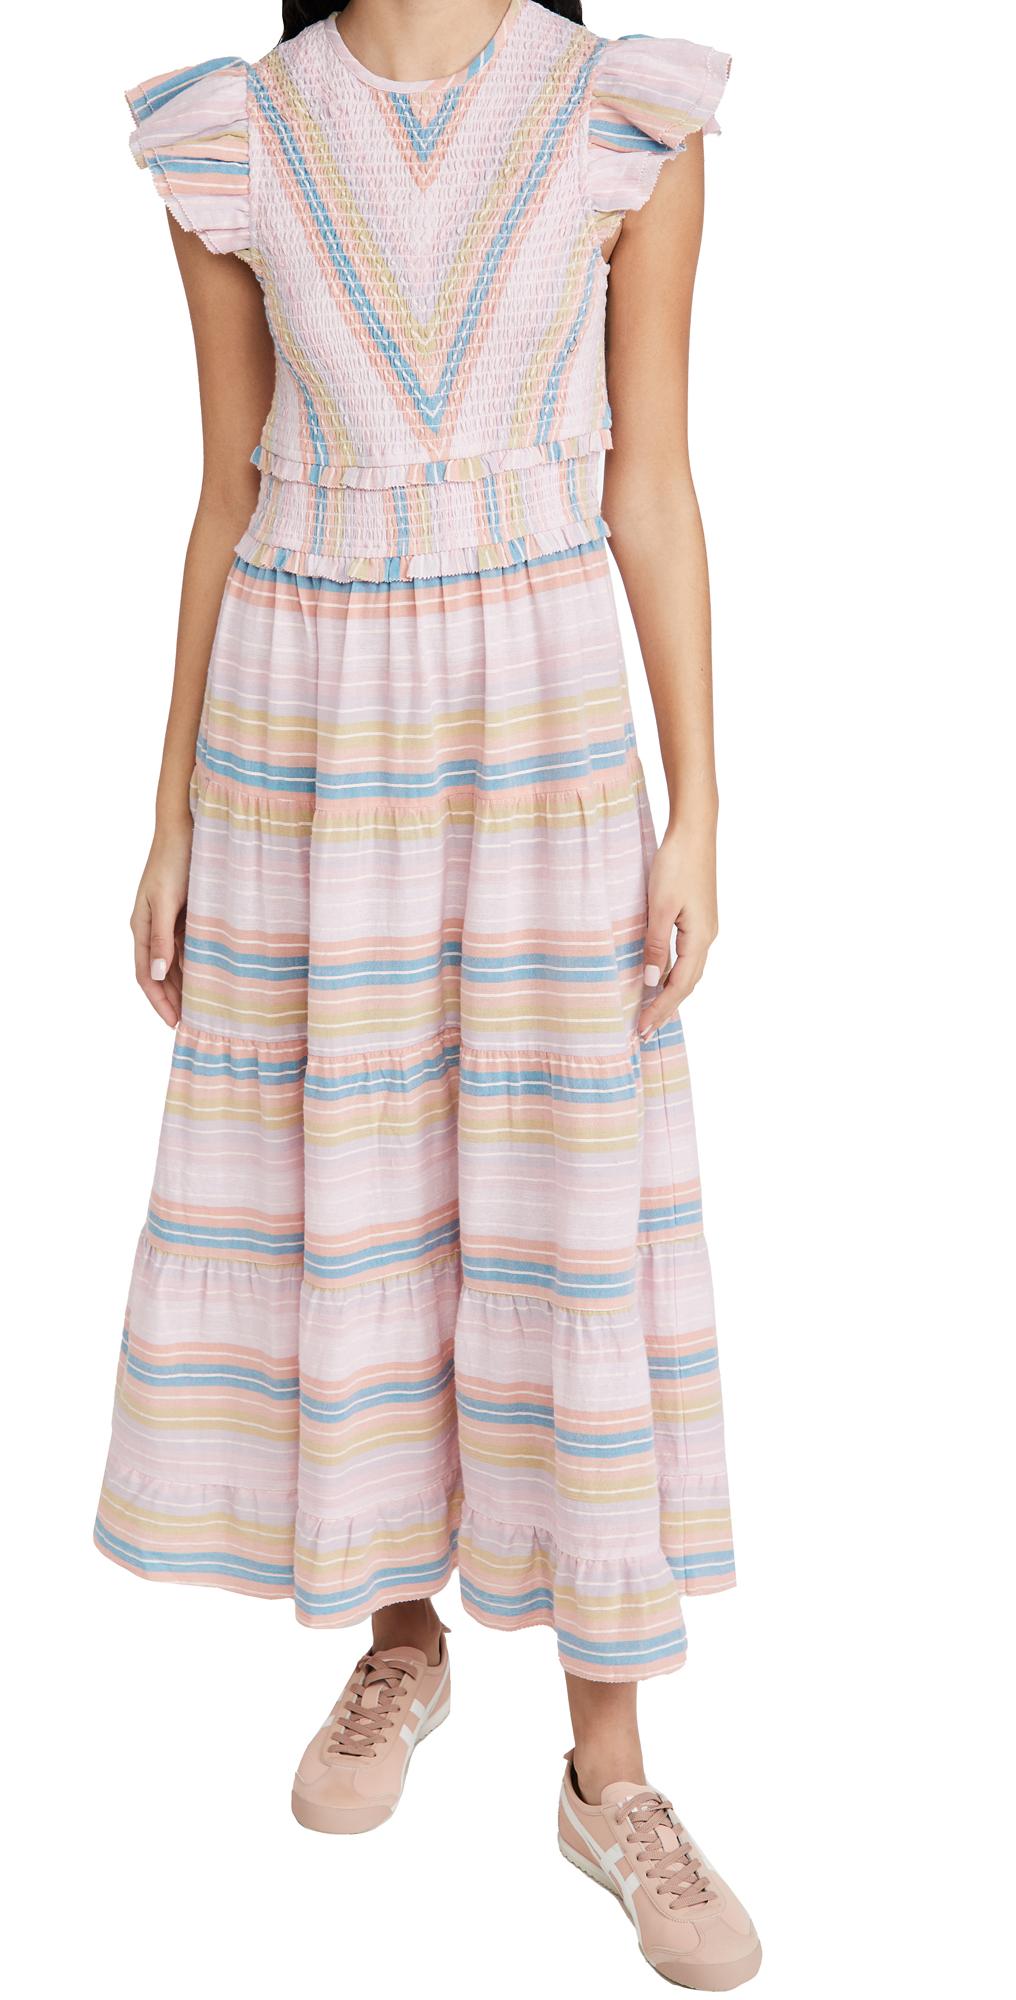 Saylor Alanna Dress